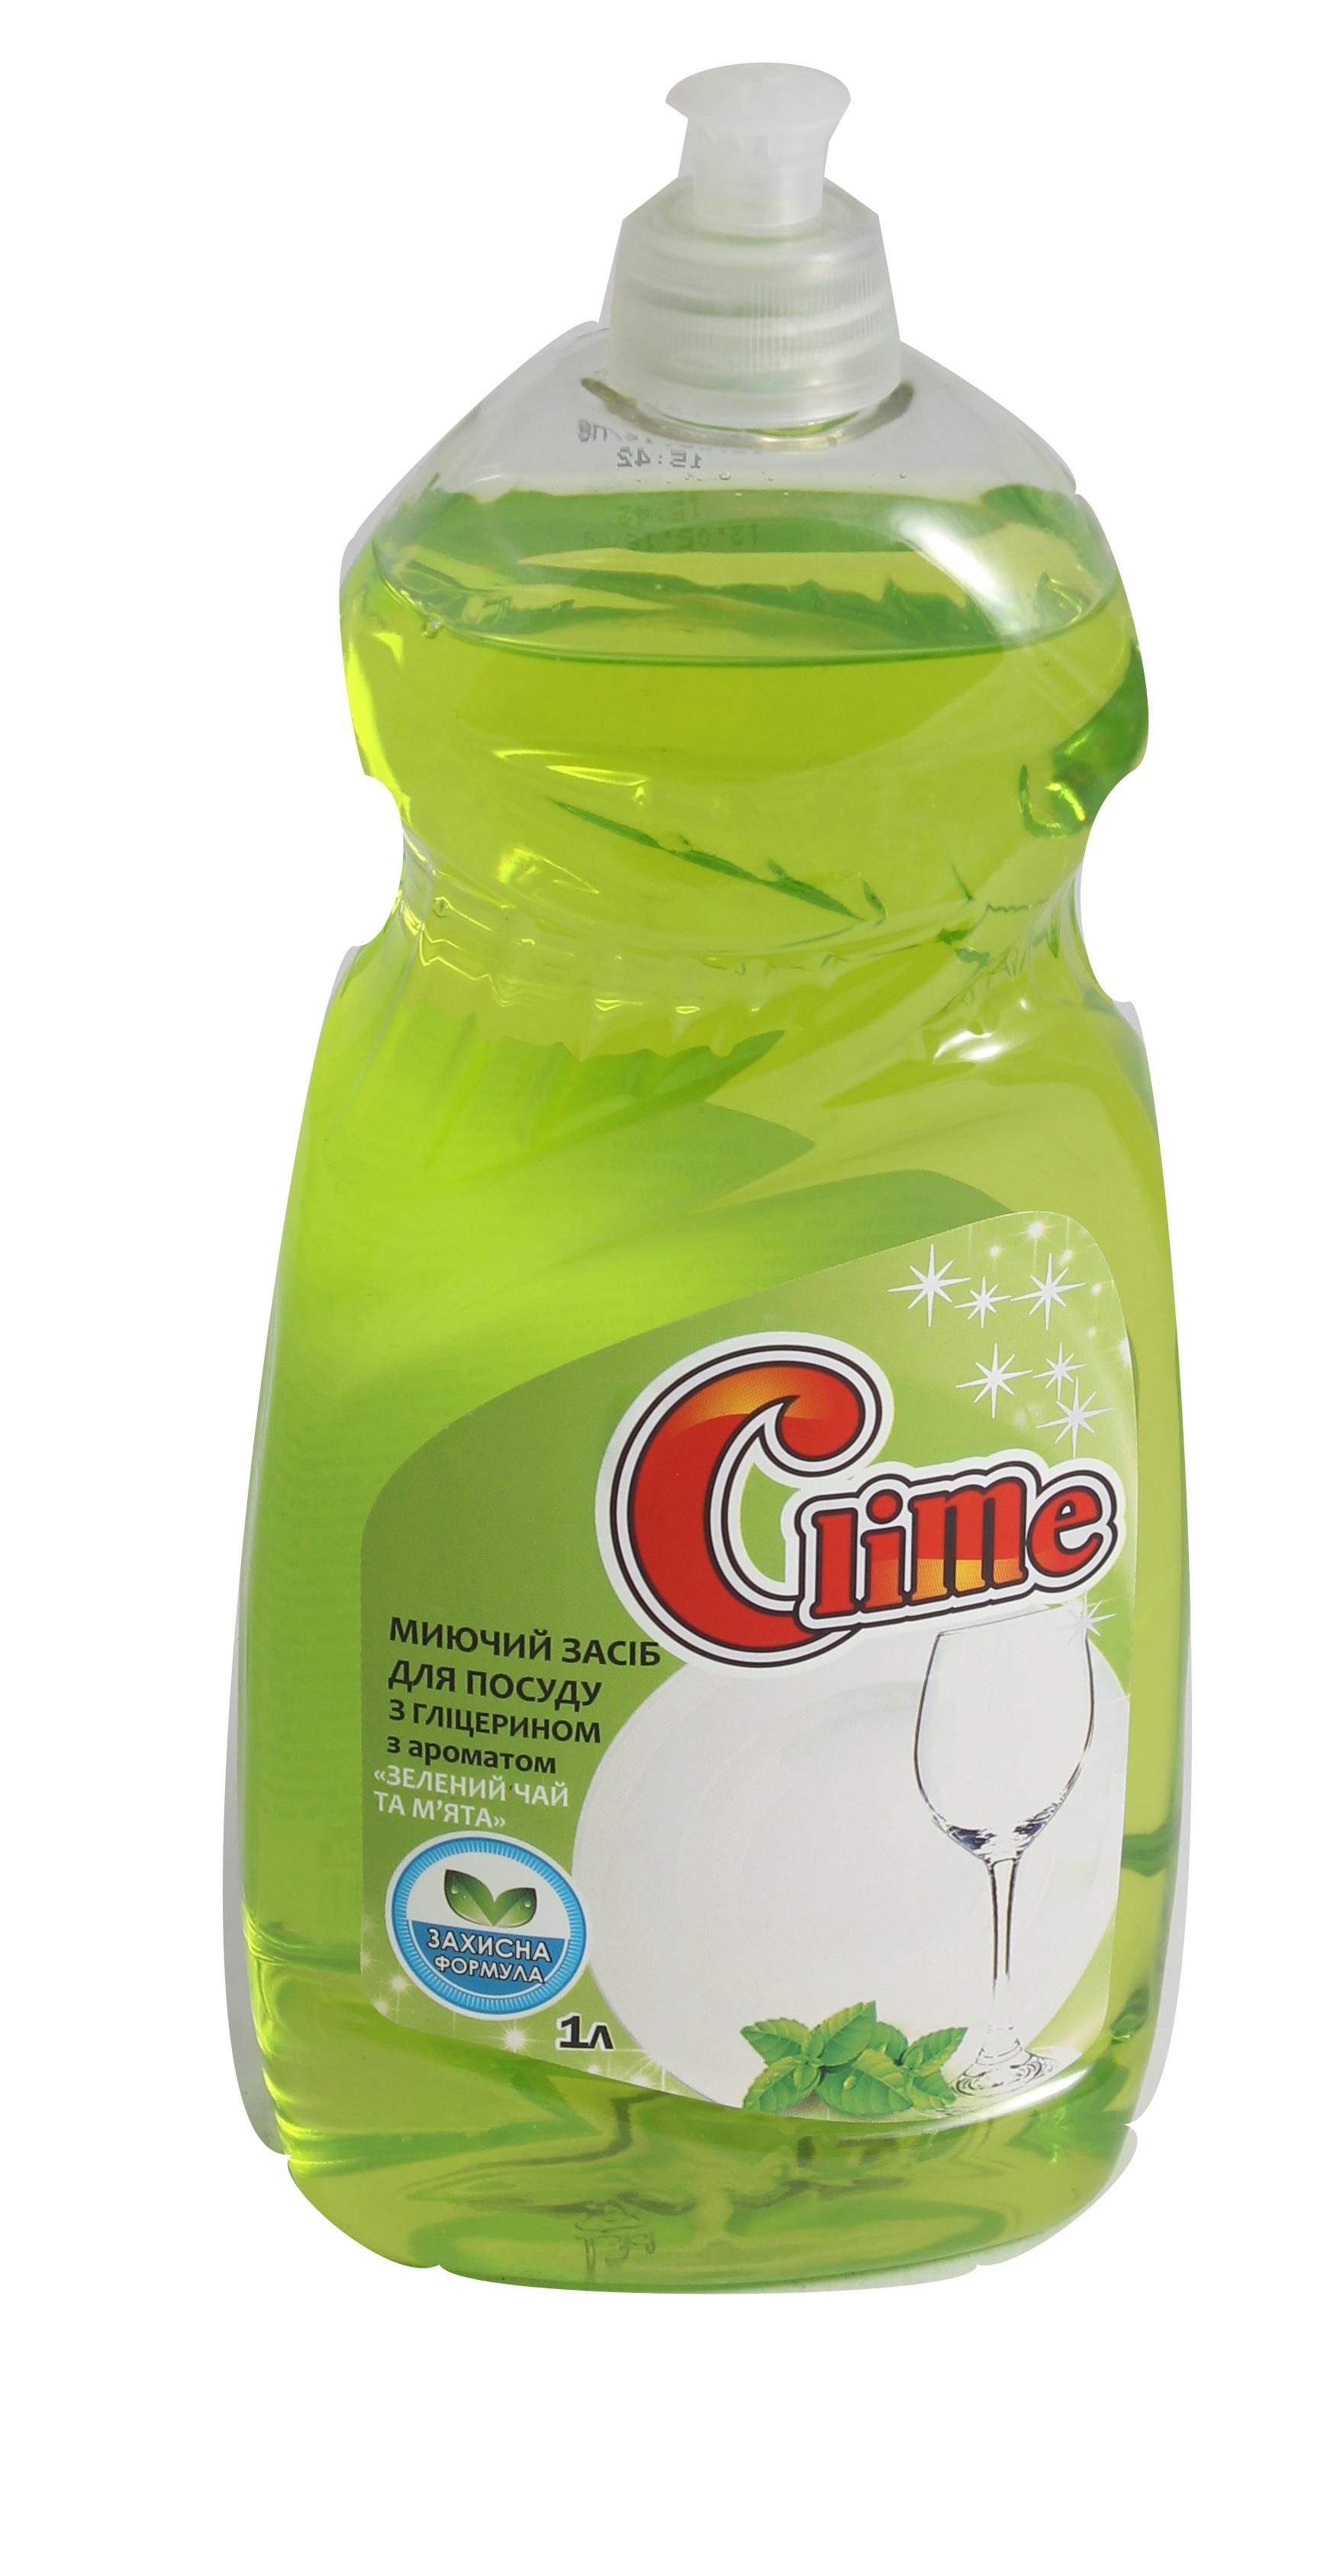 Clime Засіб миюч. для посуду 1л Зел.чай і м'ята CD1GMпуш-пул